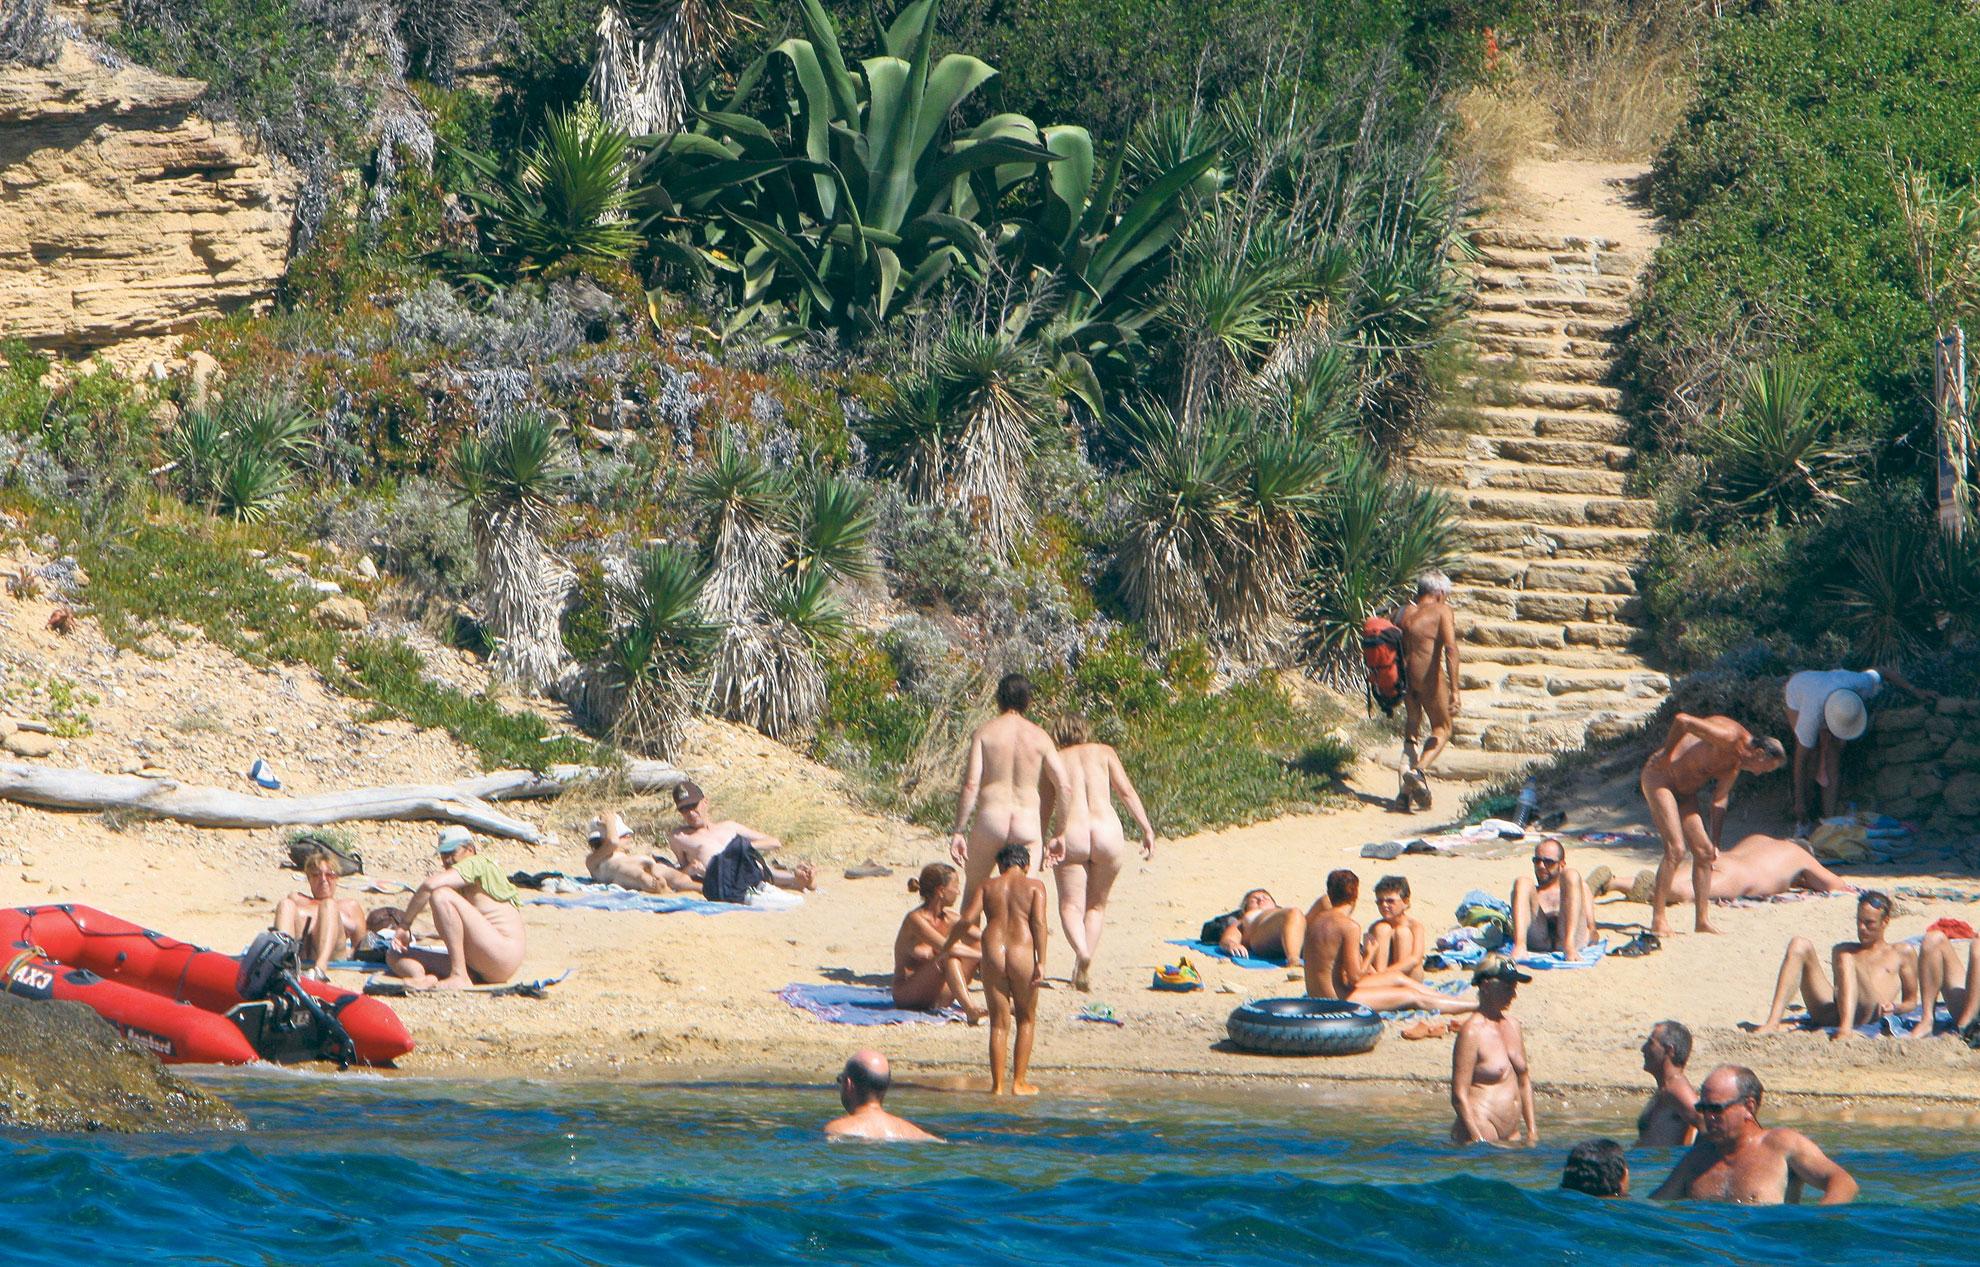 Comment La France Est Devenue Le Pays Des Nudistes dedans Piscine Roger Le Gall Naturiste